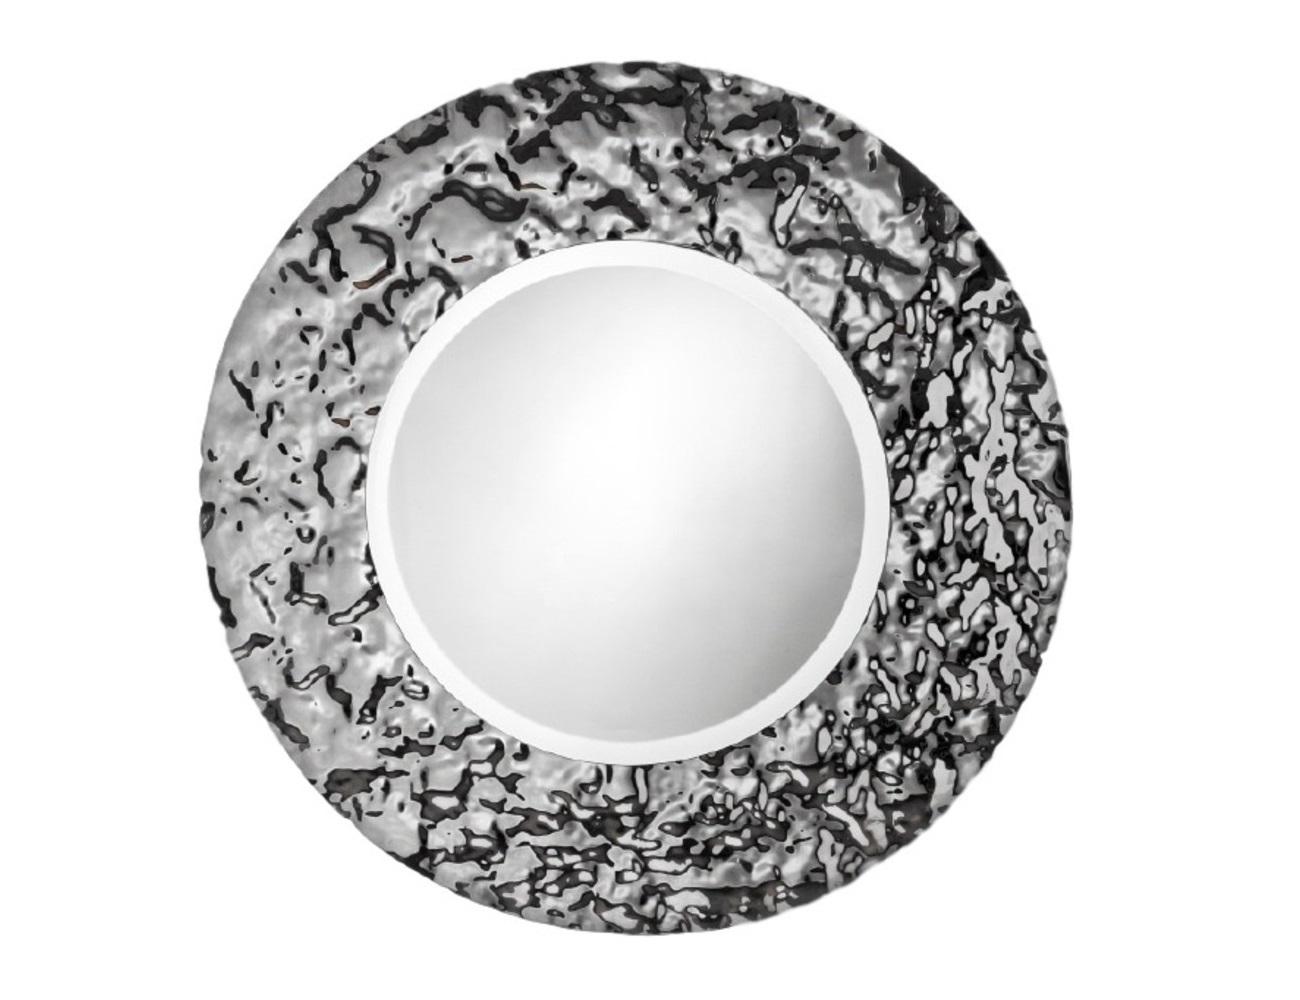 Зеркало Круг AquaНастенные зеркала<br>Зеркало уже не может быть просто зеркалом, если его обрамлением является авторская работа братьев Фомичевых. Такое круглое зеркало в необычной рамке, способно украсить даже самый тусклый интерьер. Это полноценный арт-объект. Внушительные размеры, безупречный блеск стекла — в таком зеркале смотреть на свое отражение сплошное удовольствие.    Обрамление зеркала имитирует поверхность воды, застывшую на долю секунды .  Зеркало в собранном виде и в комплекте есть крепления.<br><br>Material: Стекло<br>Height см: 5<br>Diameter см: 99